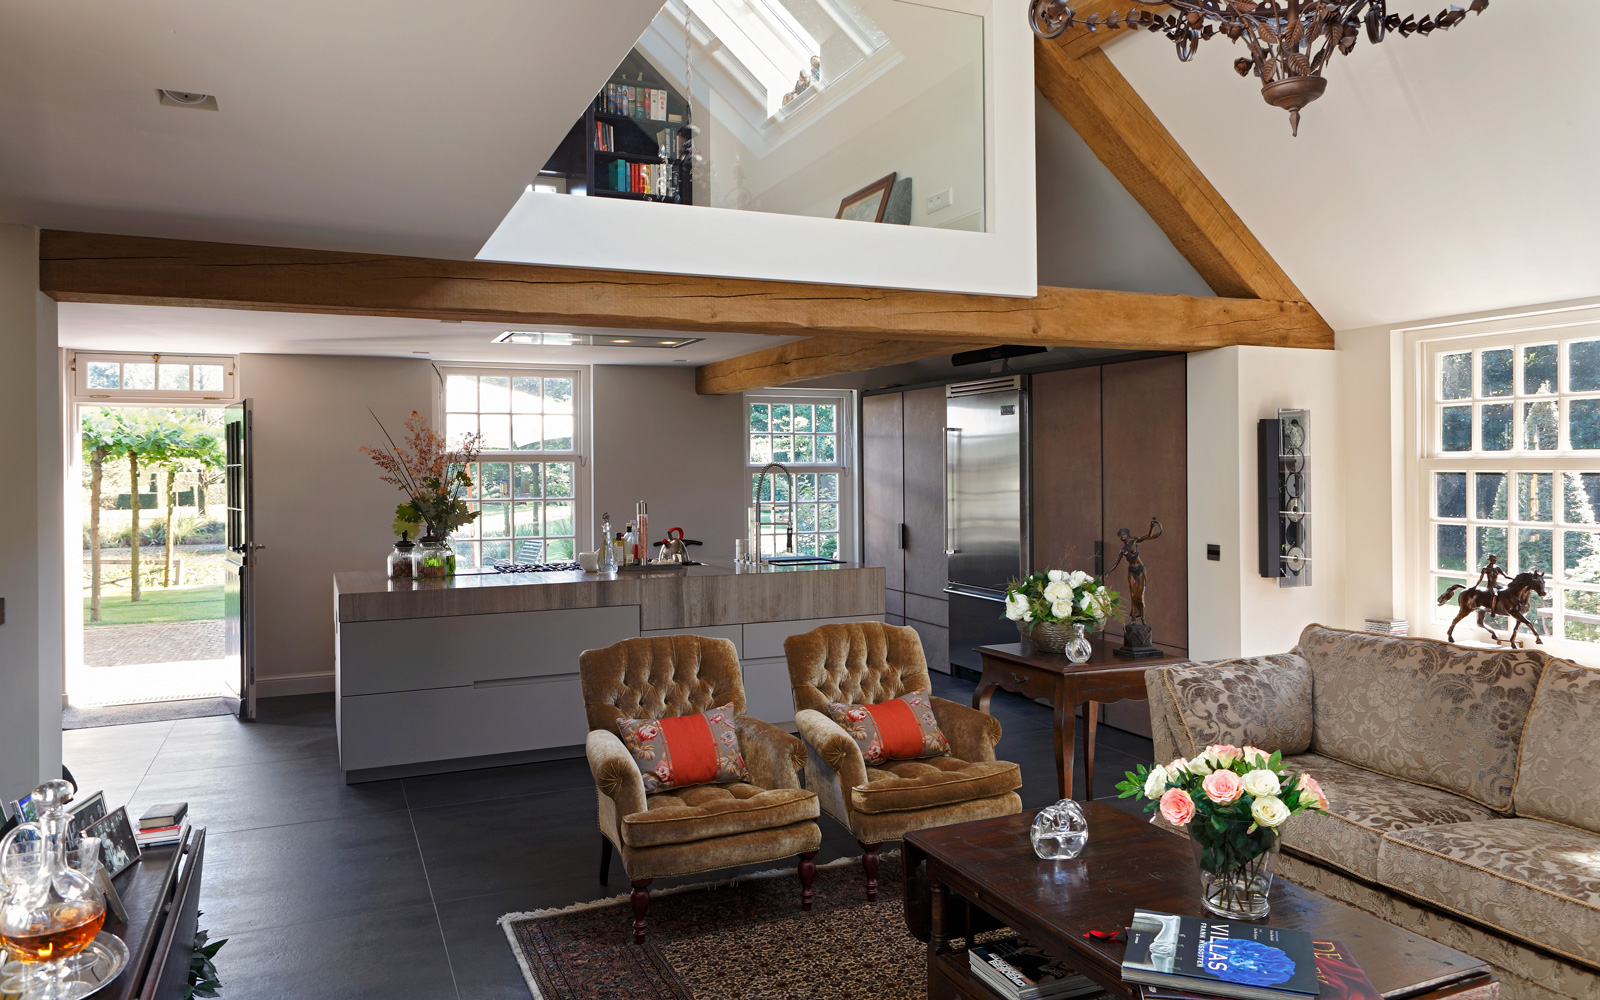 Woonkamer, living, vide, veel licht, houten balken, natuurlijke materialen, keuken, Culimaat, verbouwing woonboerderij, Marco Daverveld